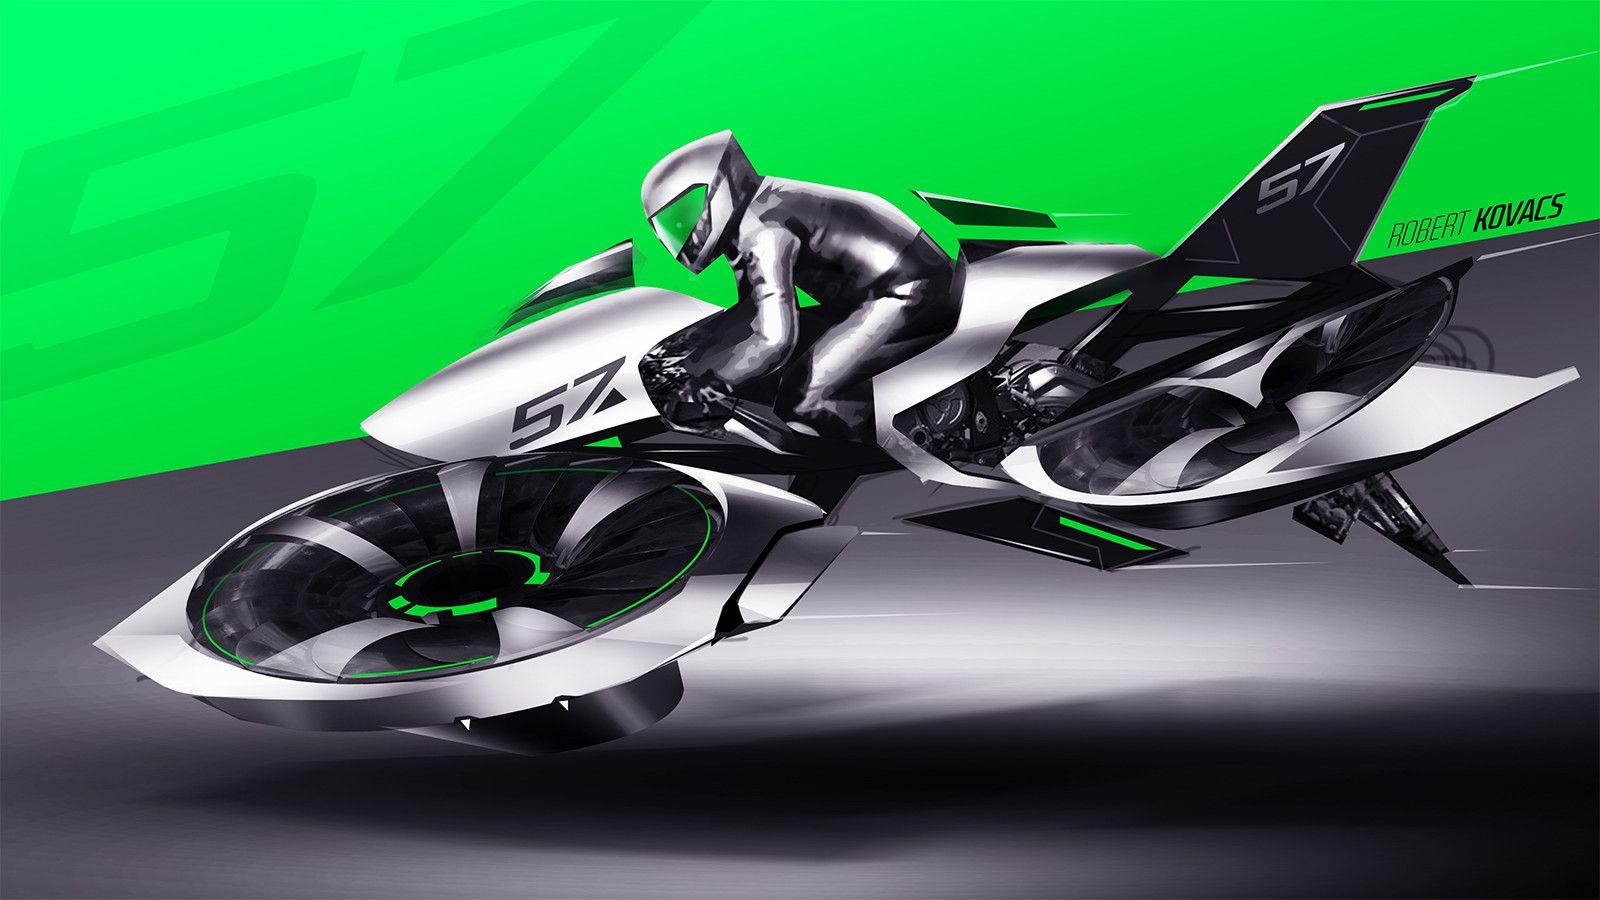 ArtStation - Race Drone, Robert Kovacs | VTOL | Hover bike ...